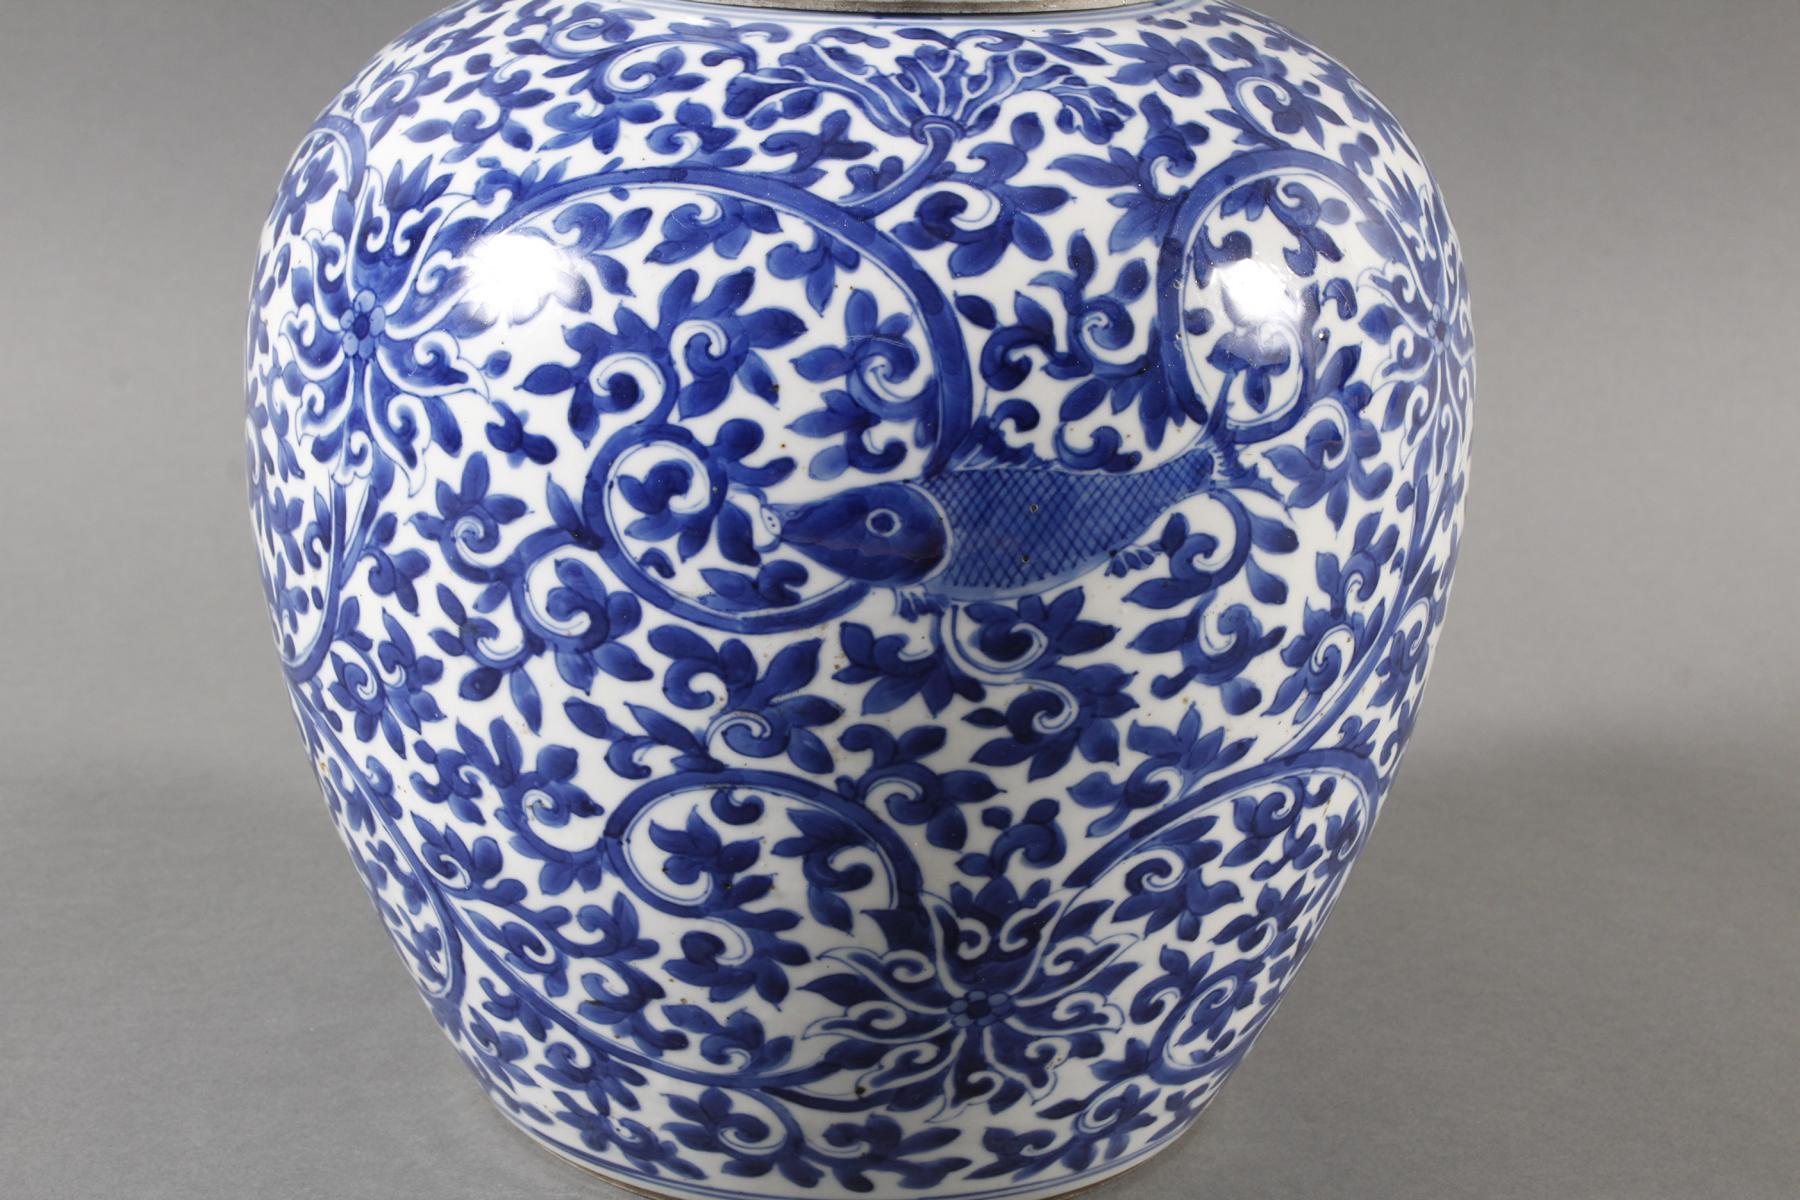 Blau-weiß Vase mit Deckel, Porzellan, China, Kang-hsi (1662-1722) Marke und Periode-2